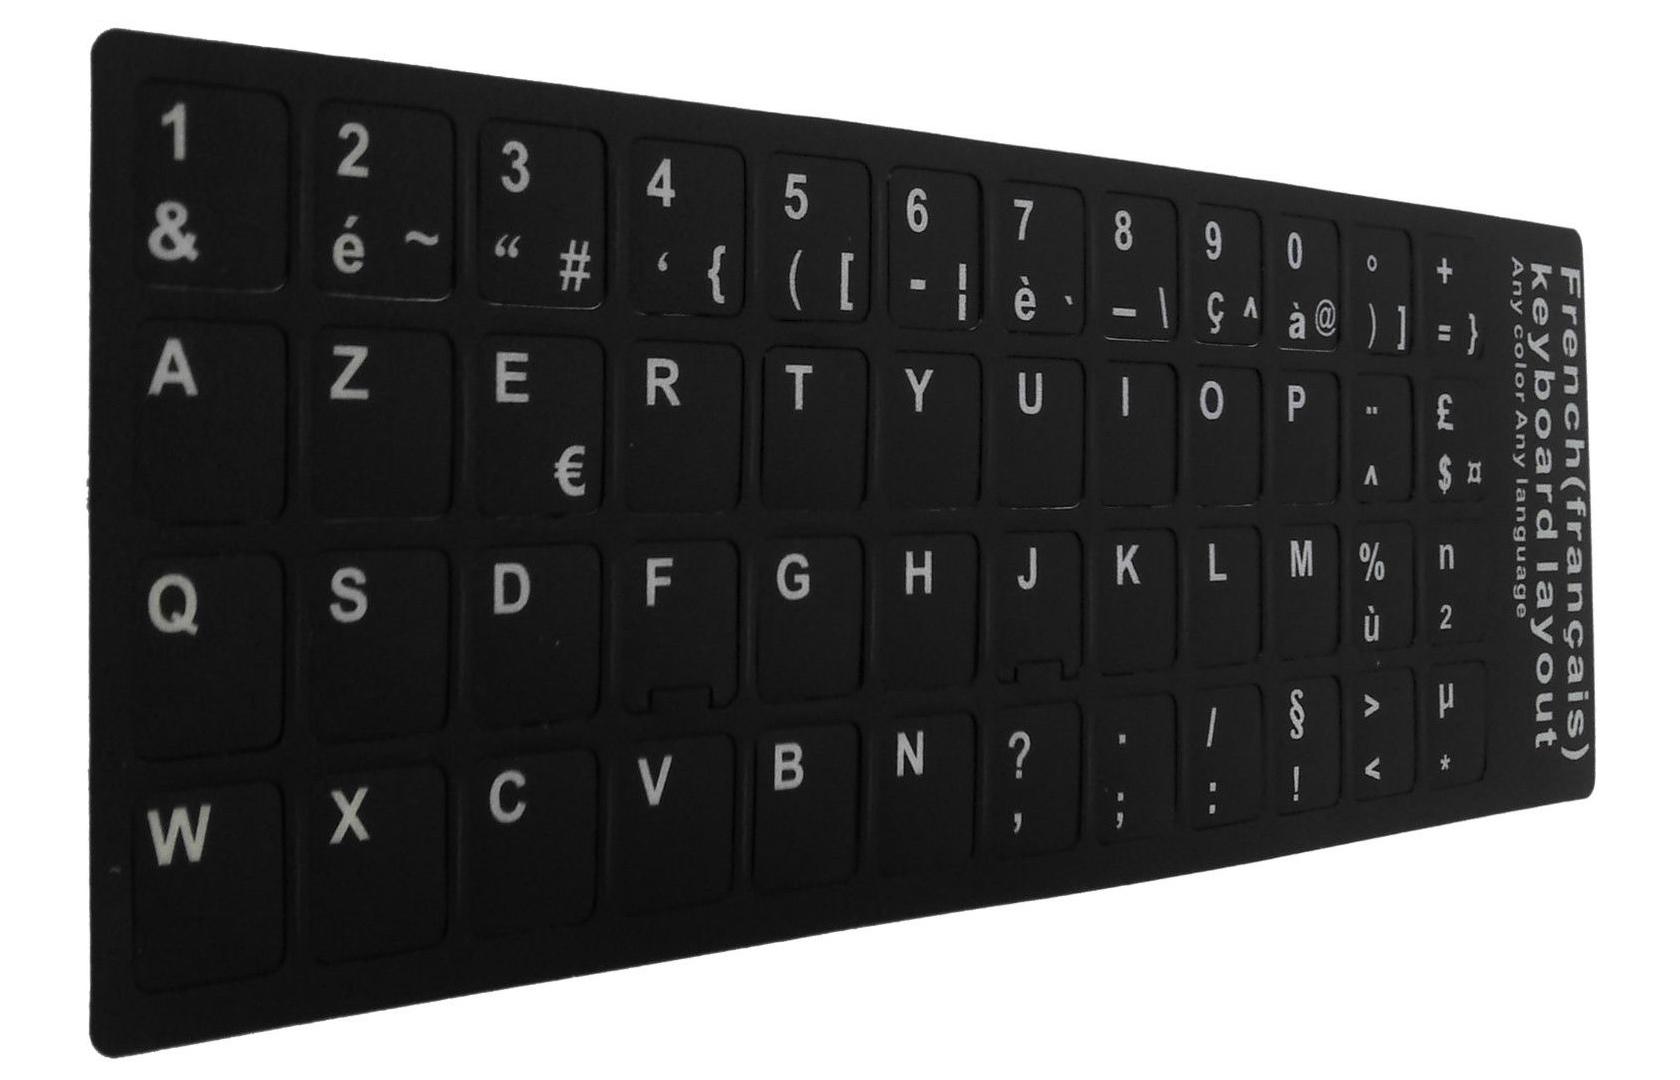 Comment passer clavier qwerty en azerty ?